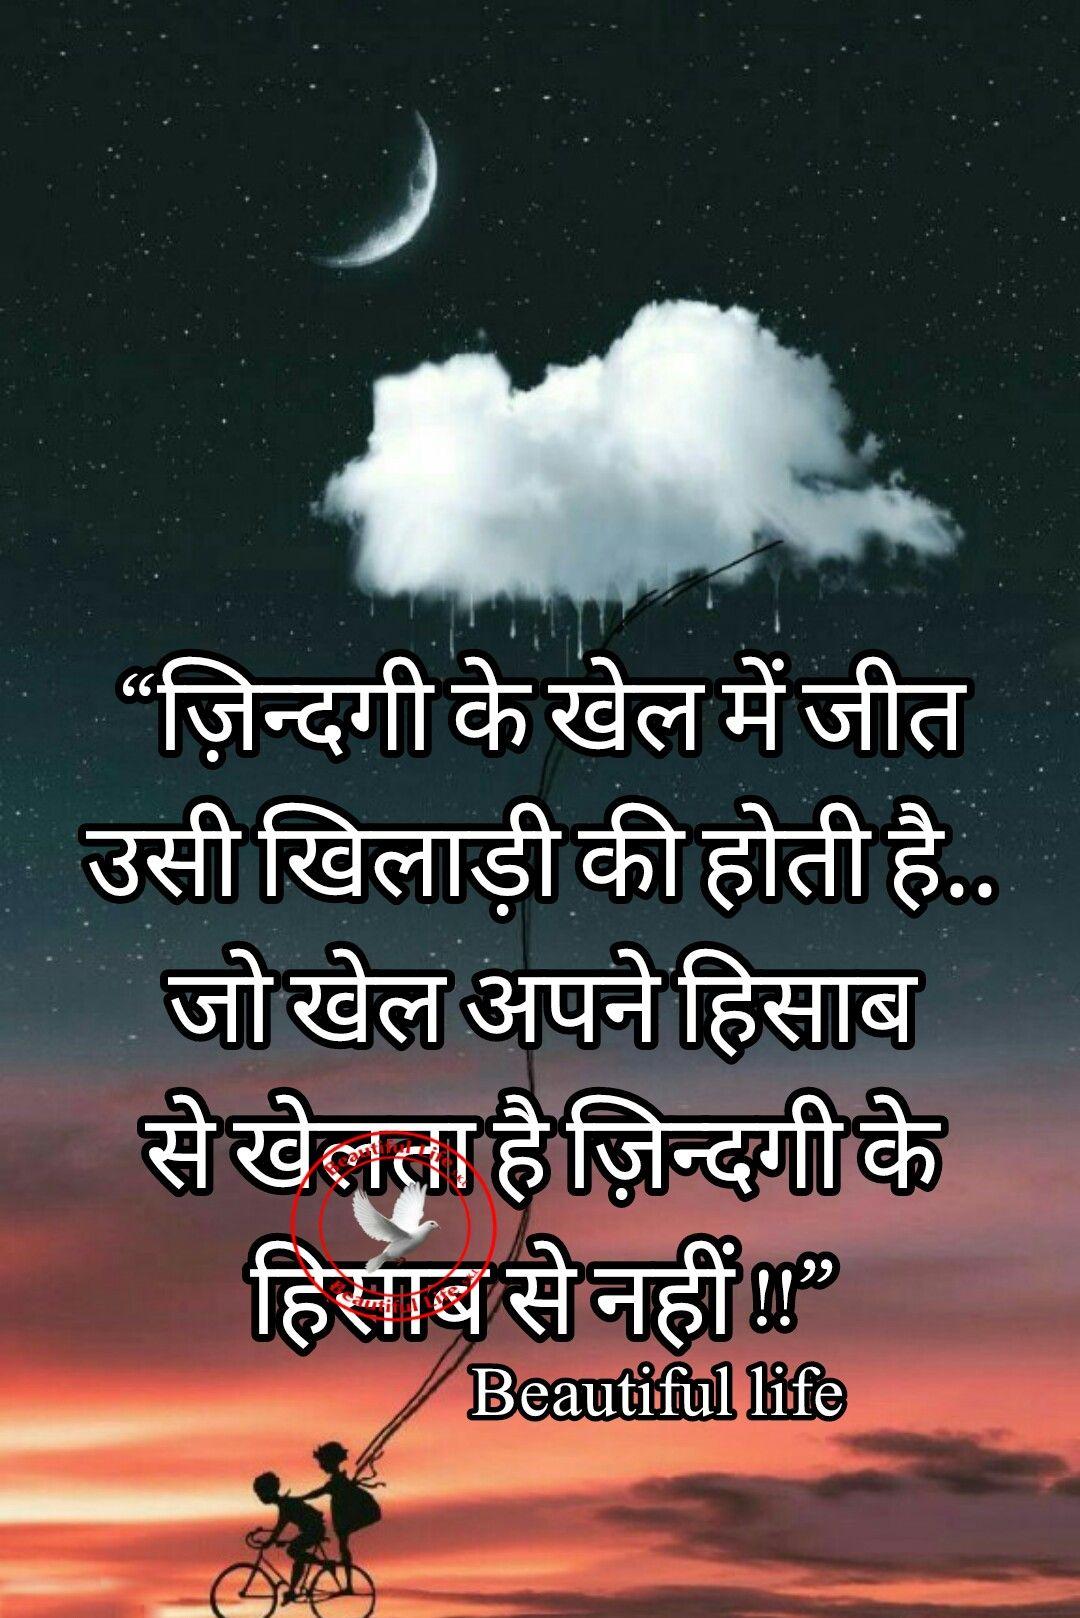 Missing Home Quotes In Hindi Valoblogi Com